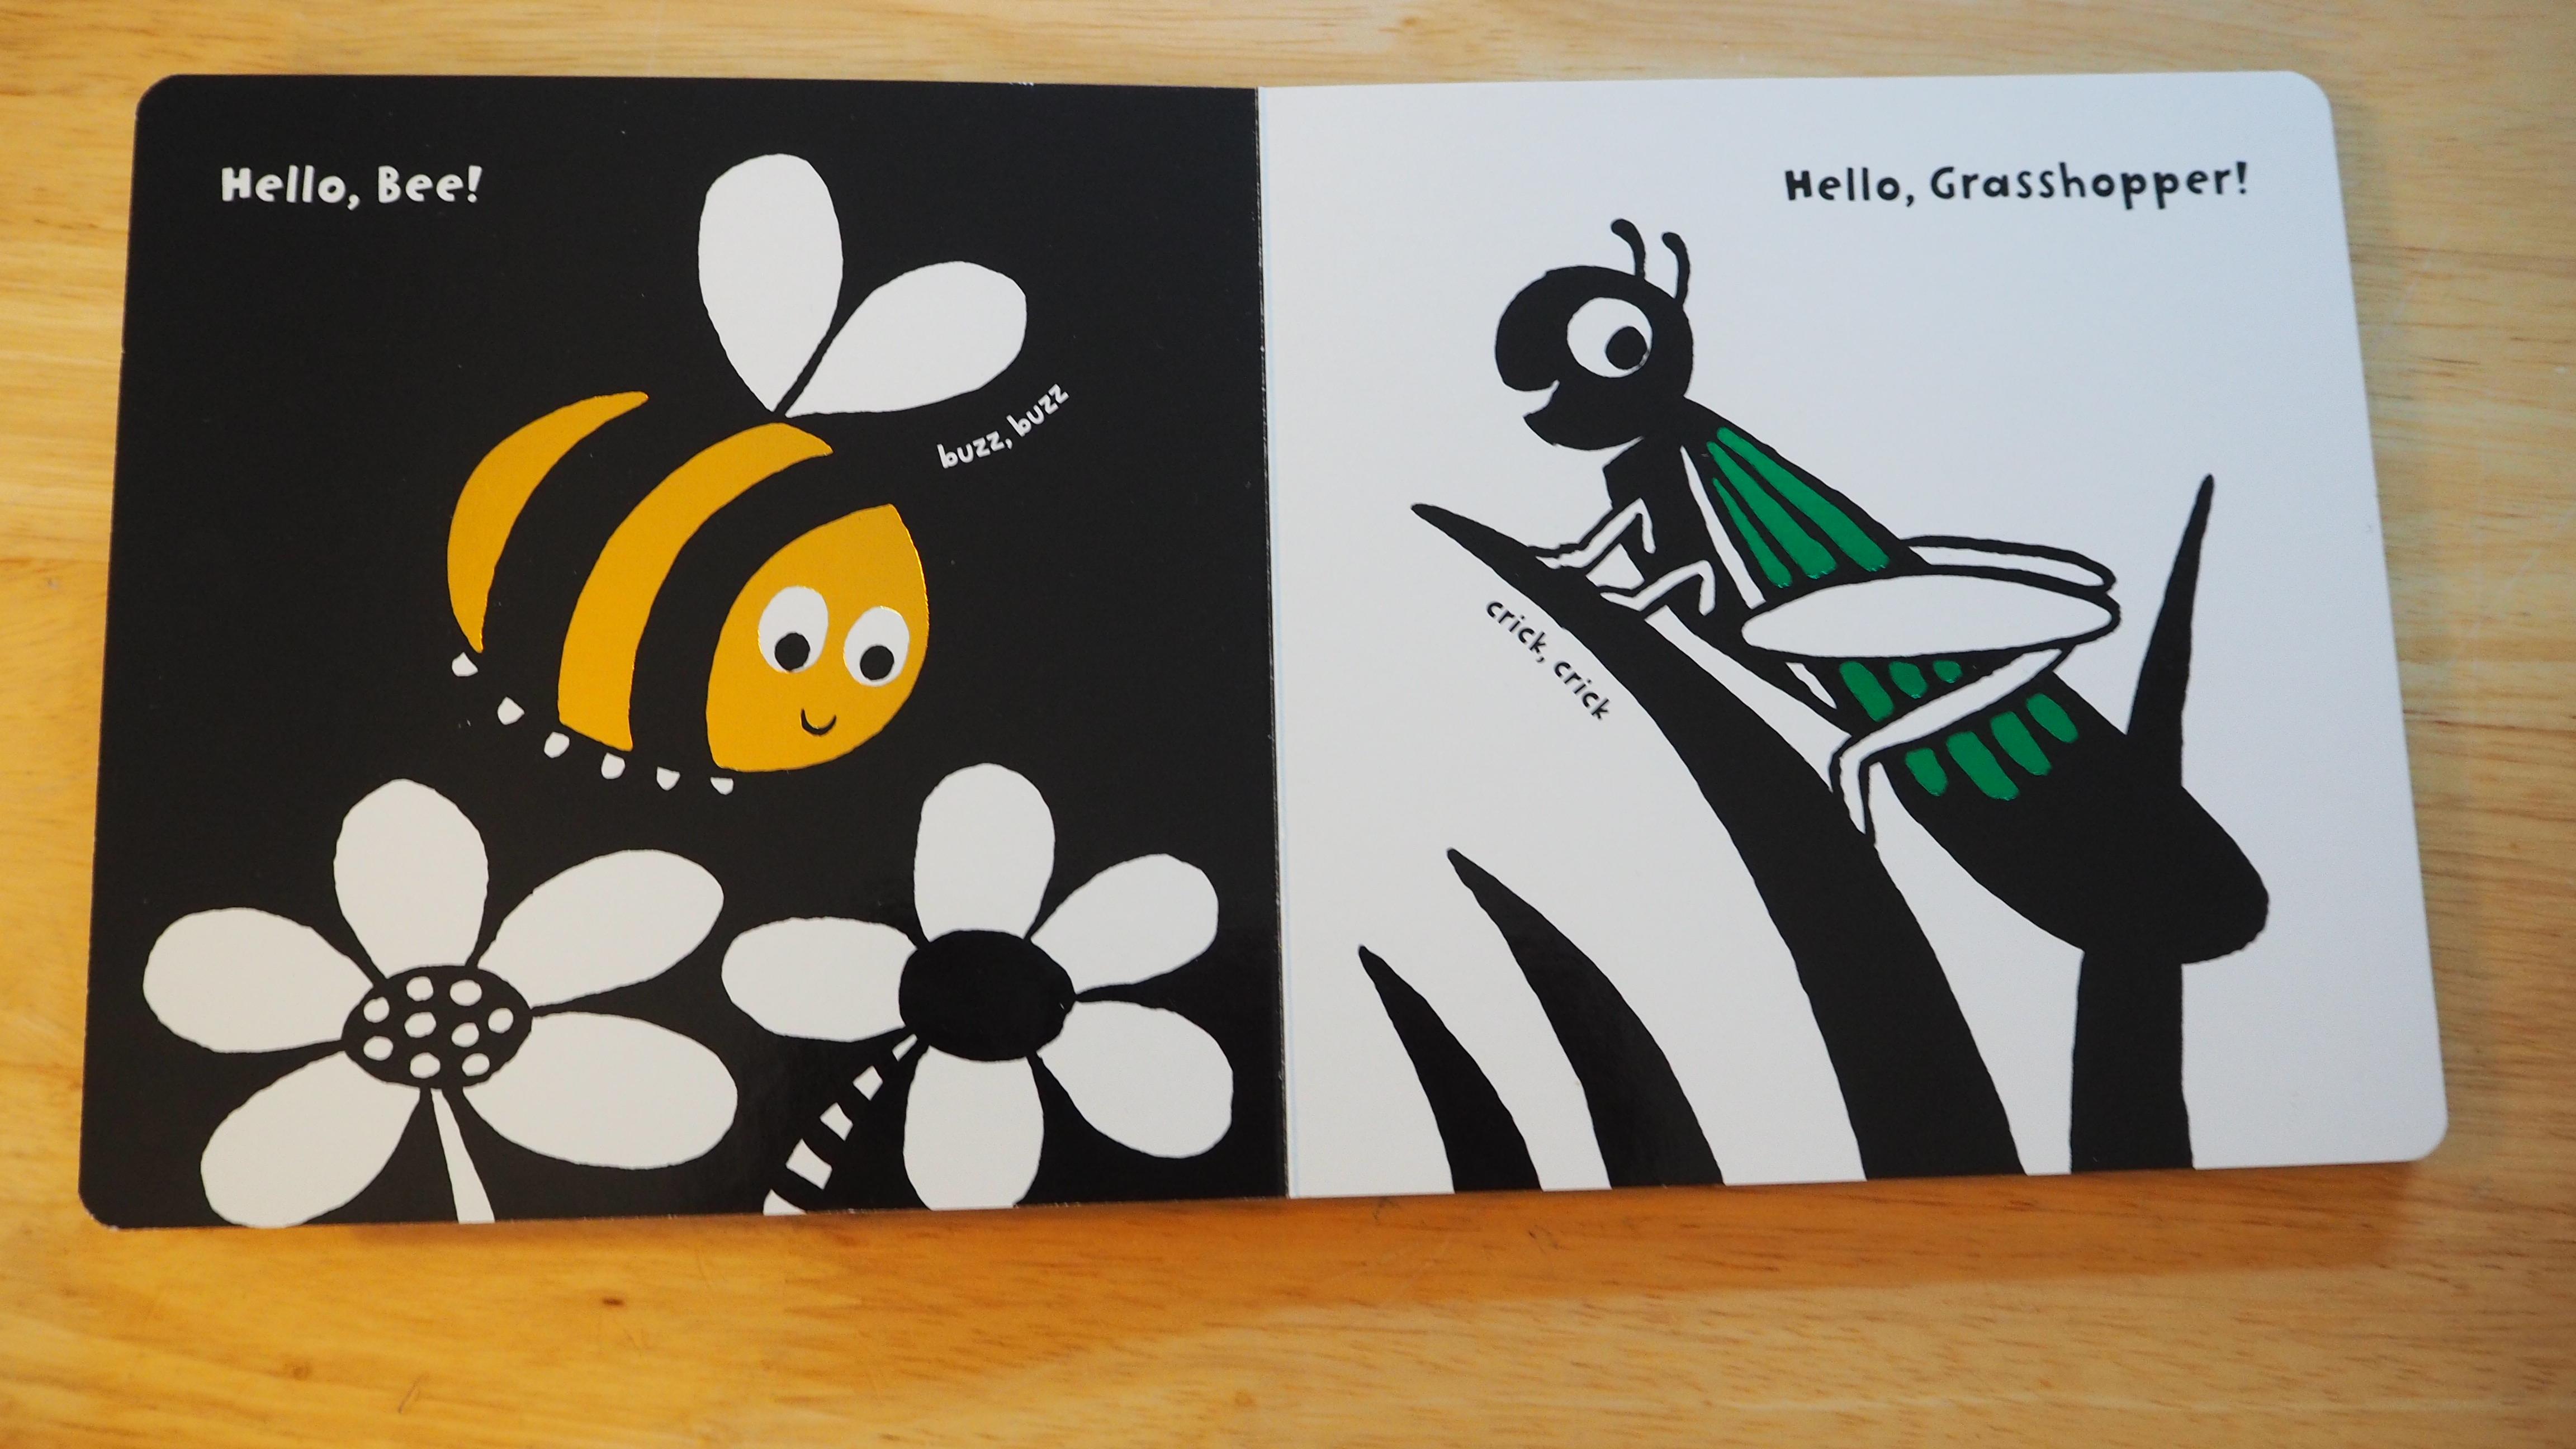 Hello, bee! Hello, grasshopper!